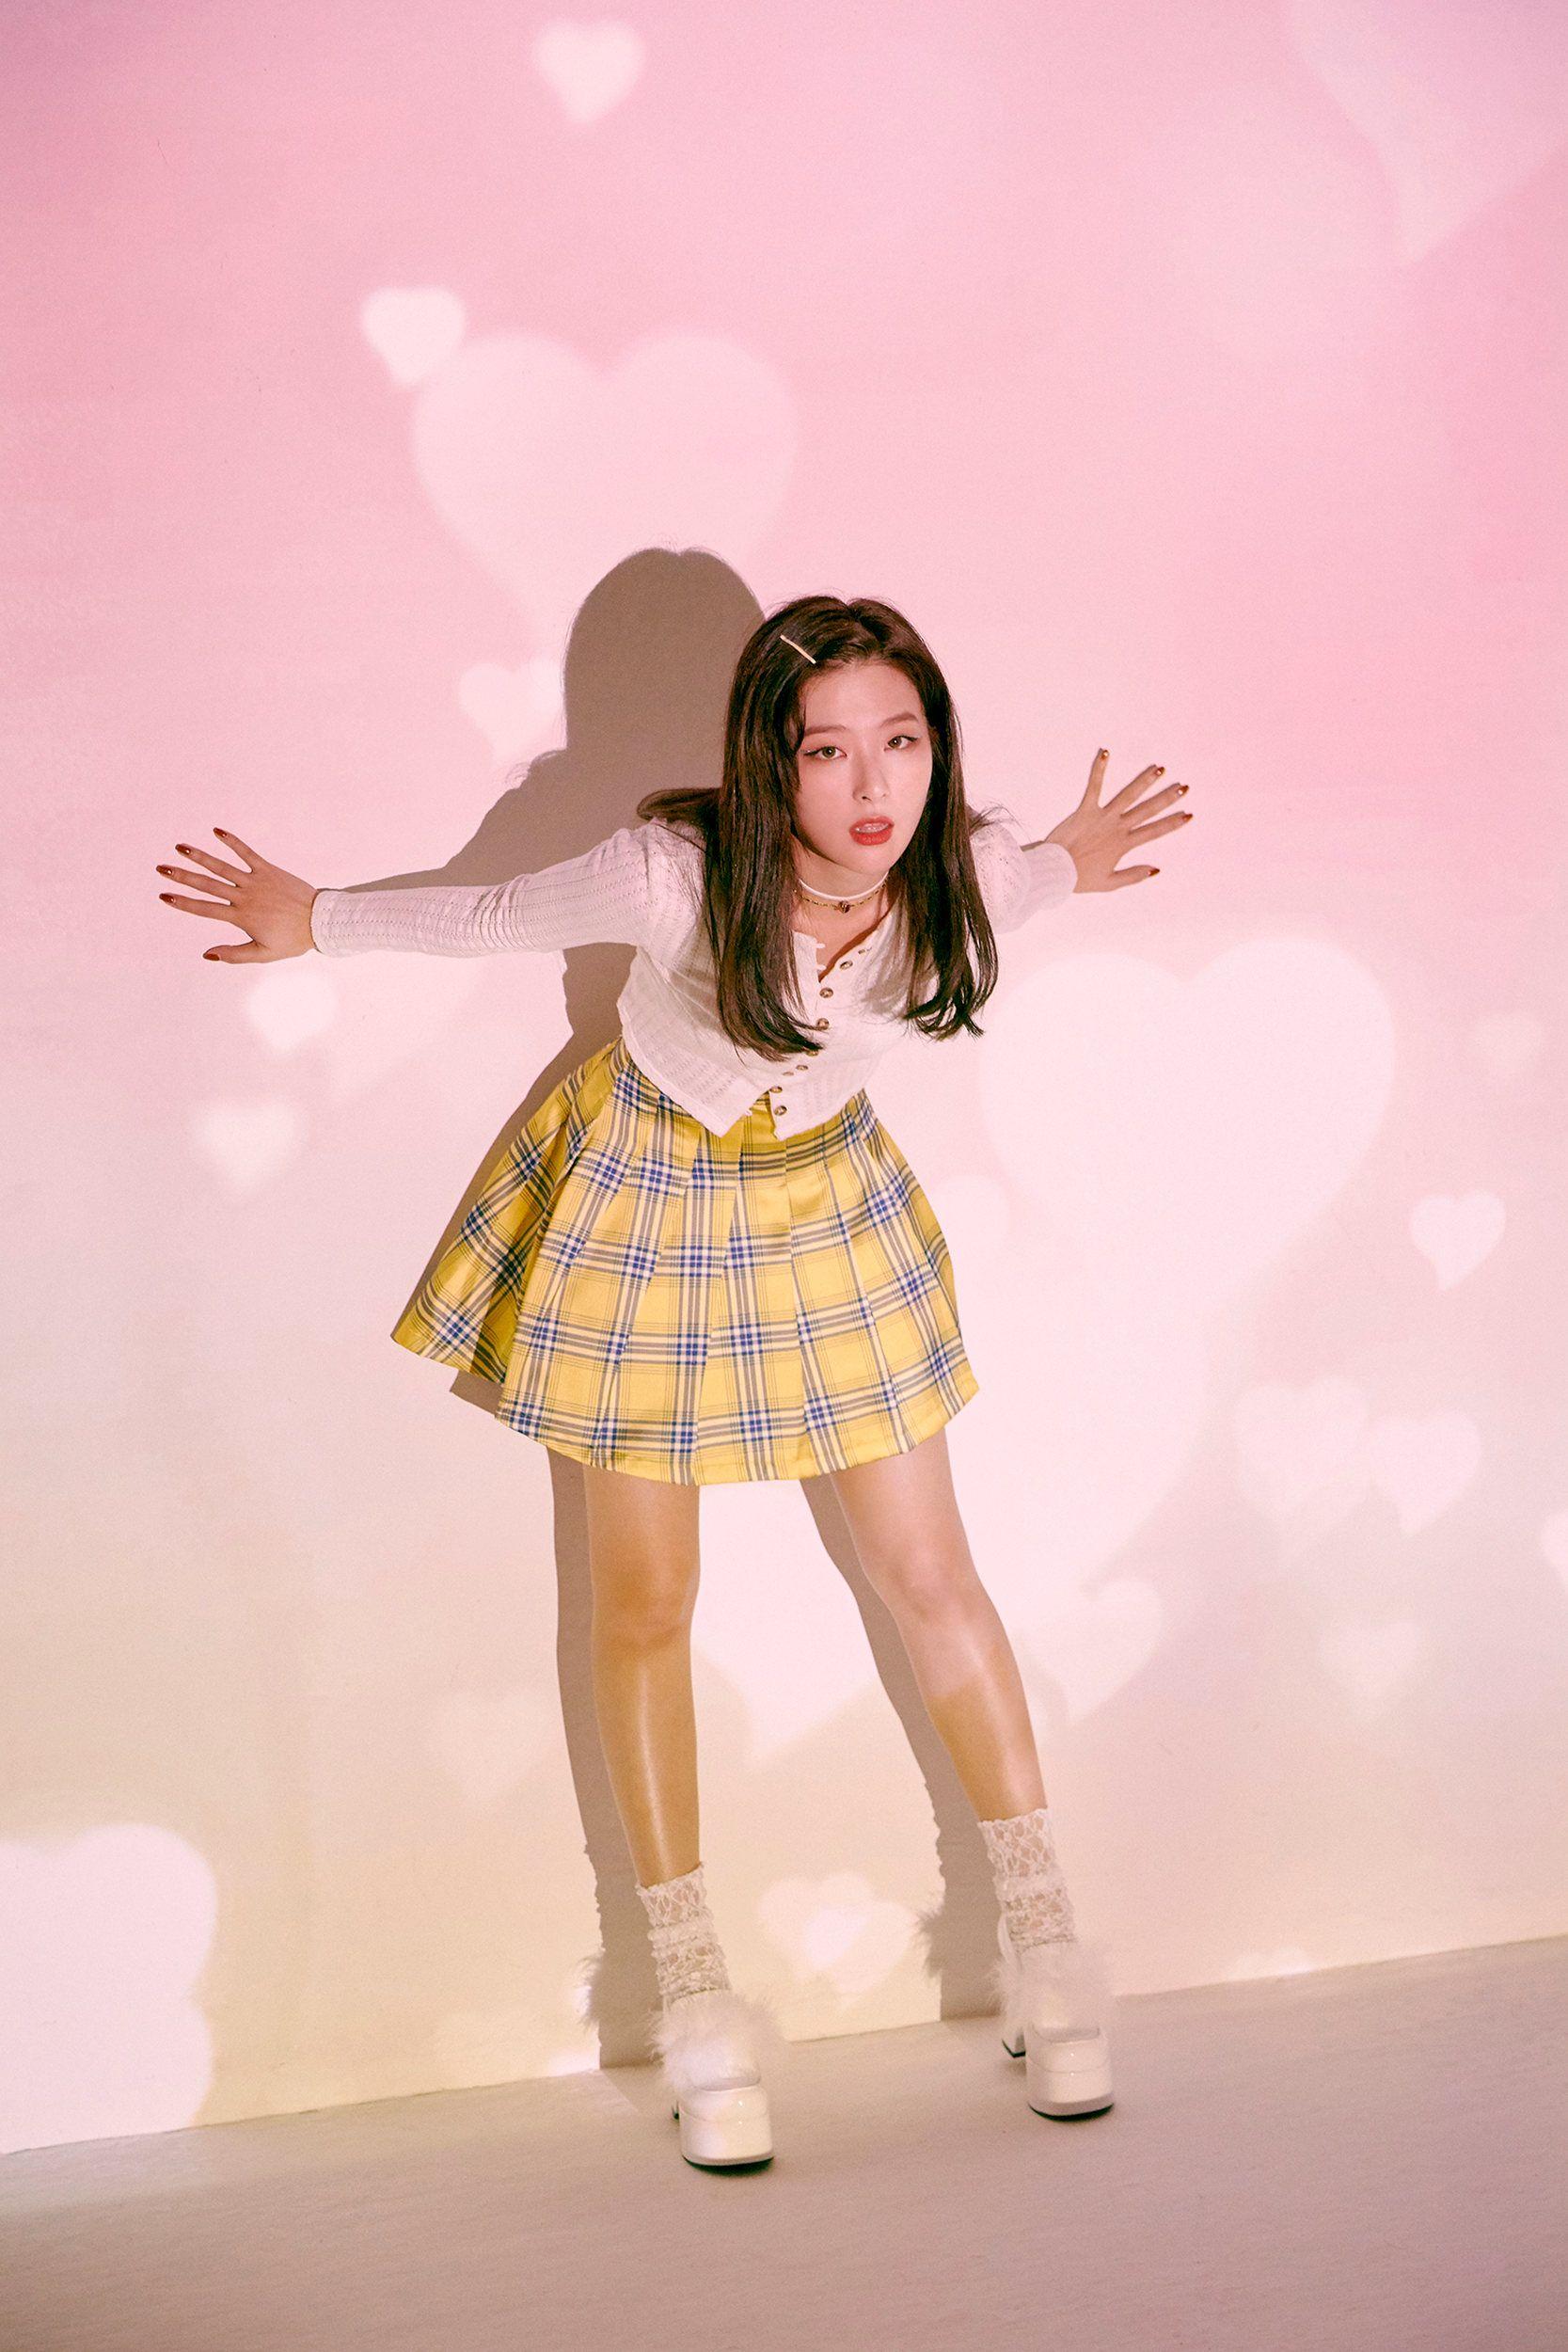 Red Velvet The ReVe Festival Finale Seulgi Teaser Photos (Day and Studio ver.) (HD/HR) - K-Pop Database /